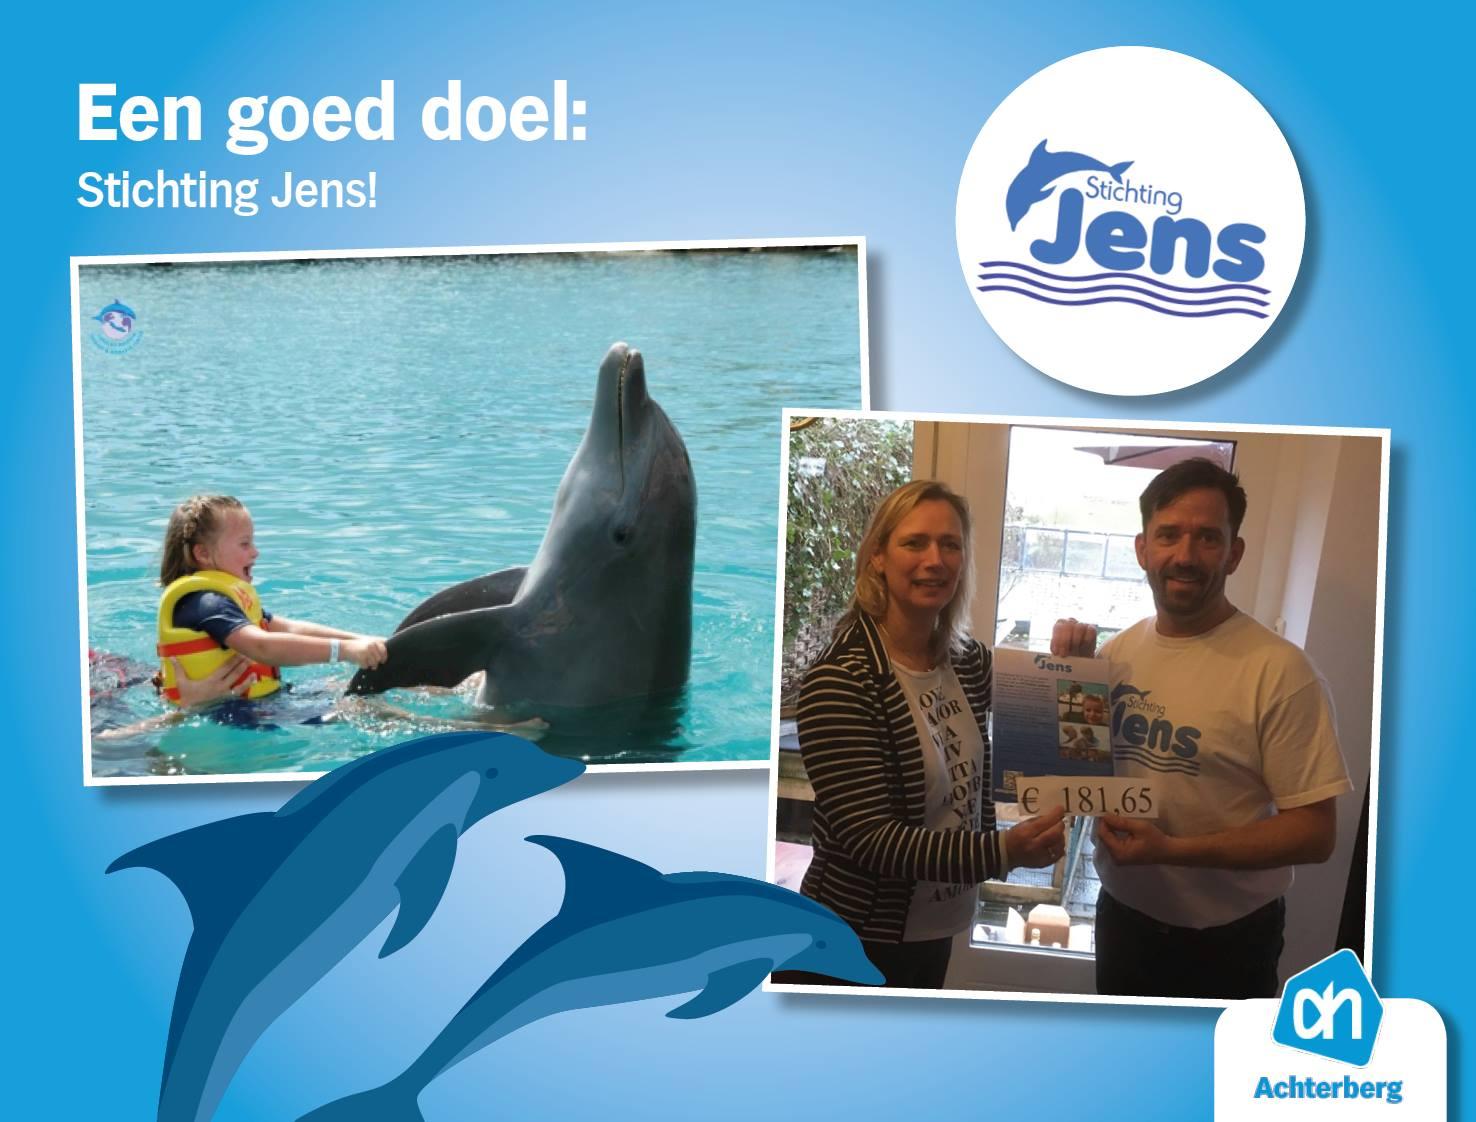 Een goed doel: Stichting Jens!